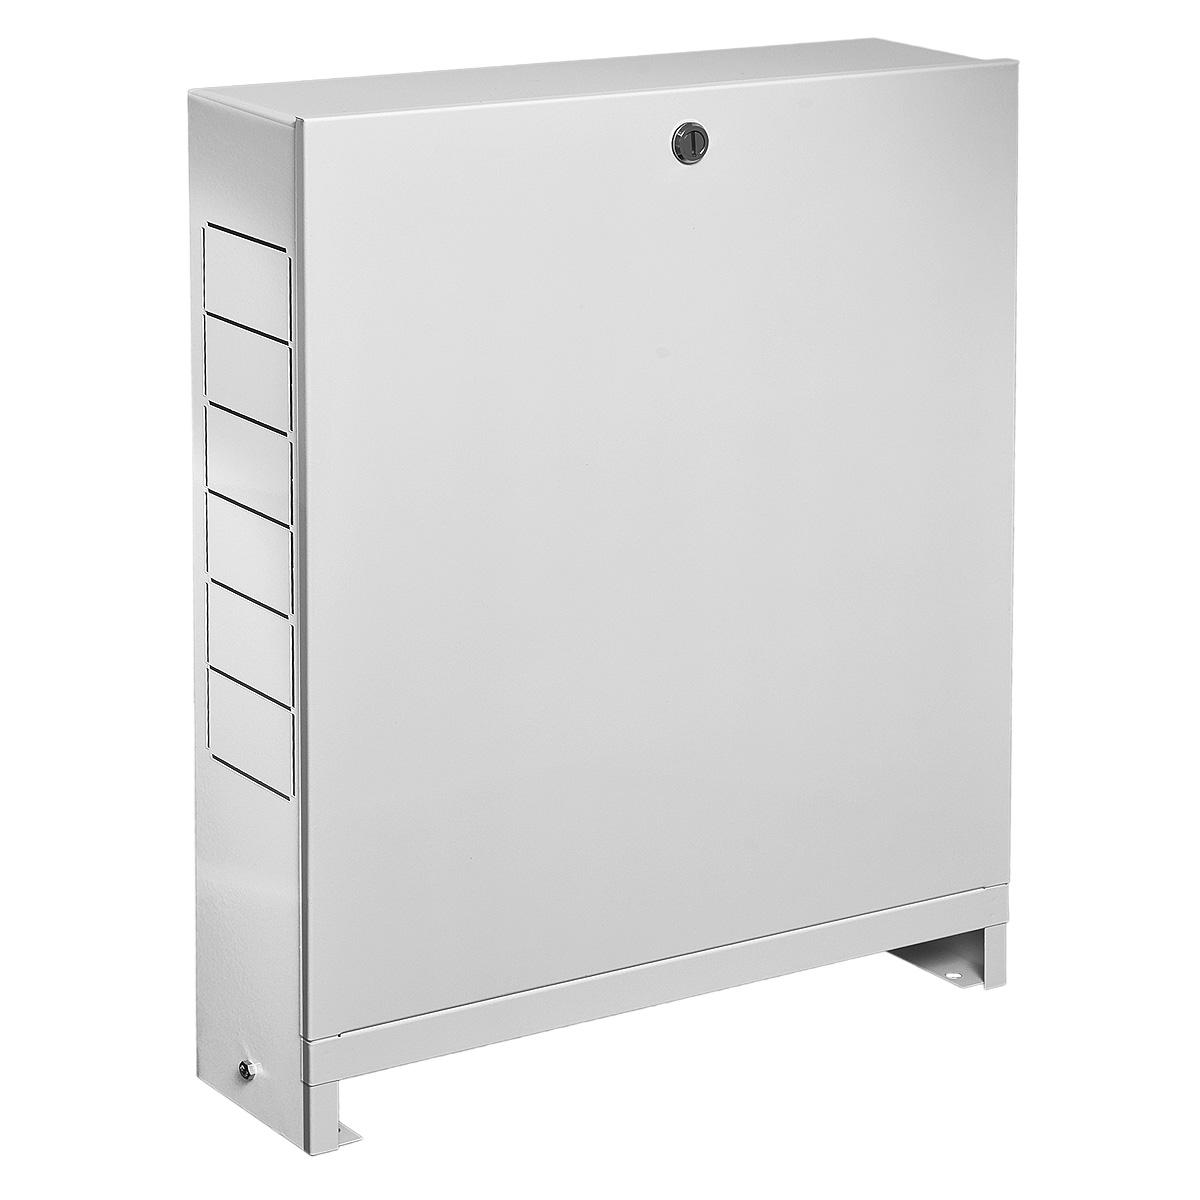 Коллекторный шкаф накладной ШРН-2 коллекторный шкаф wester шрн 5